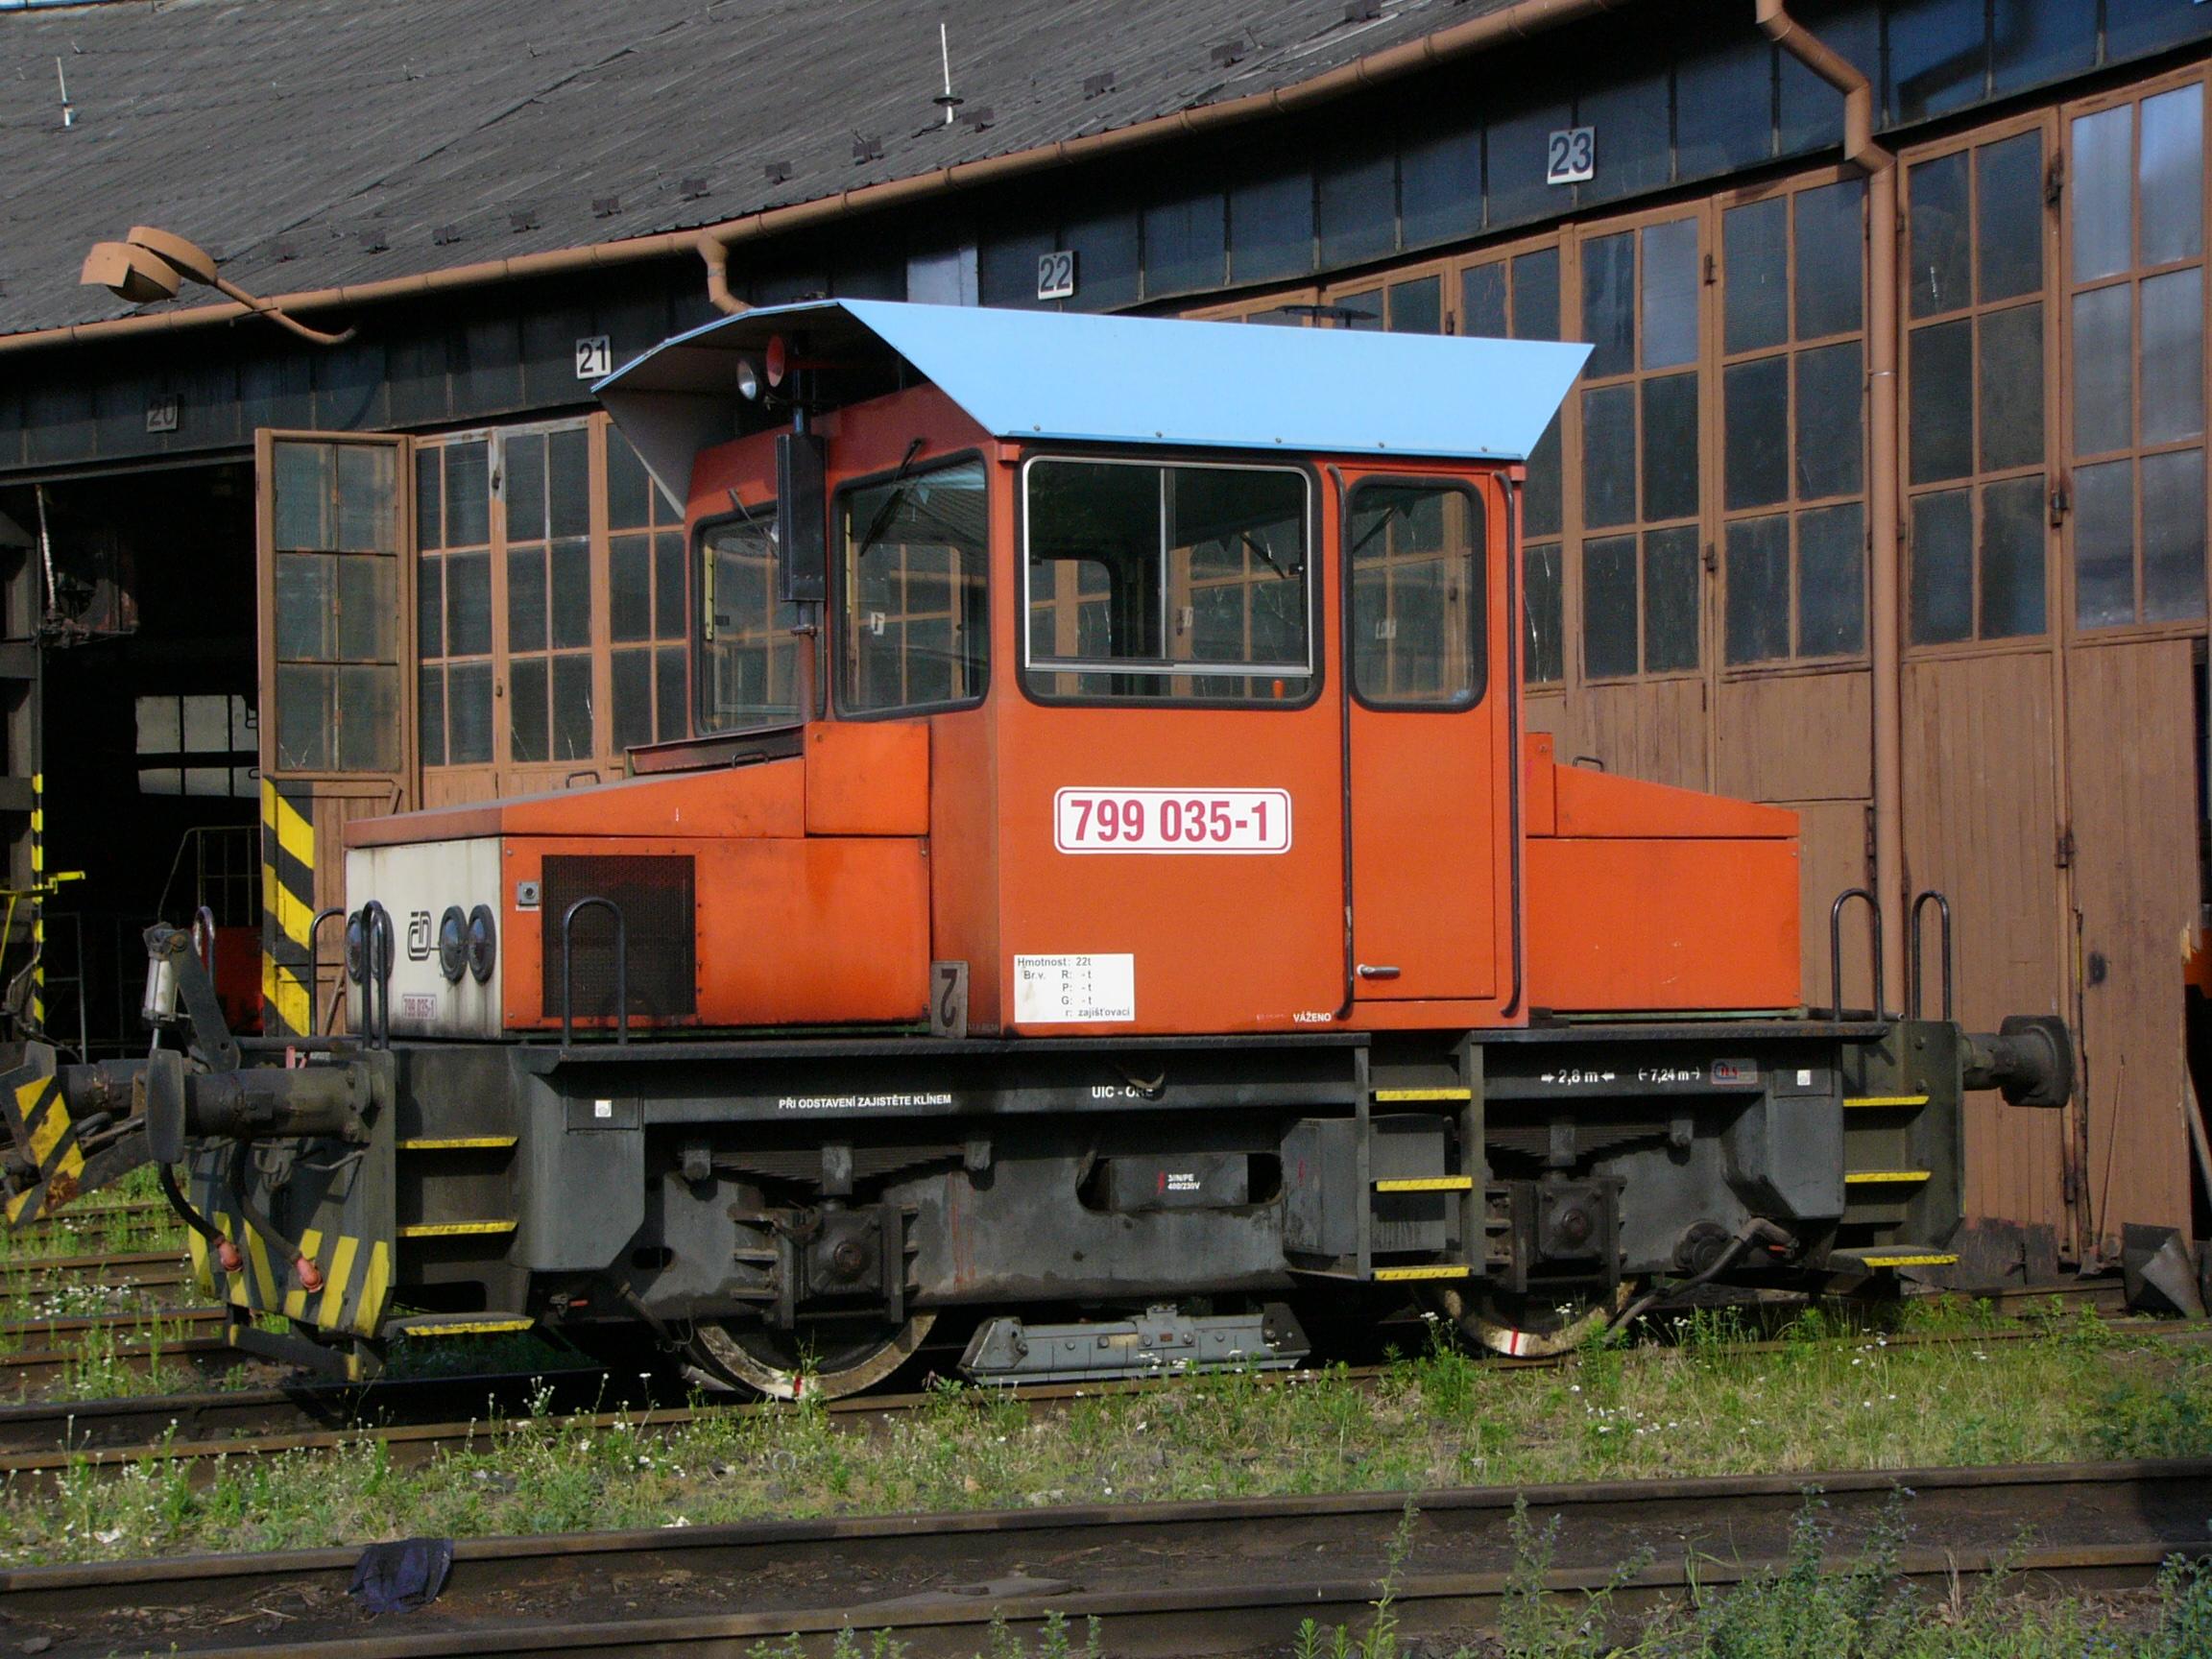 File:Lokomotiva 799 035-1.jpg